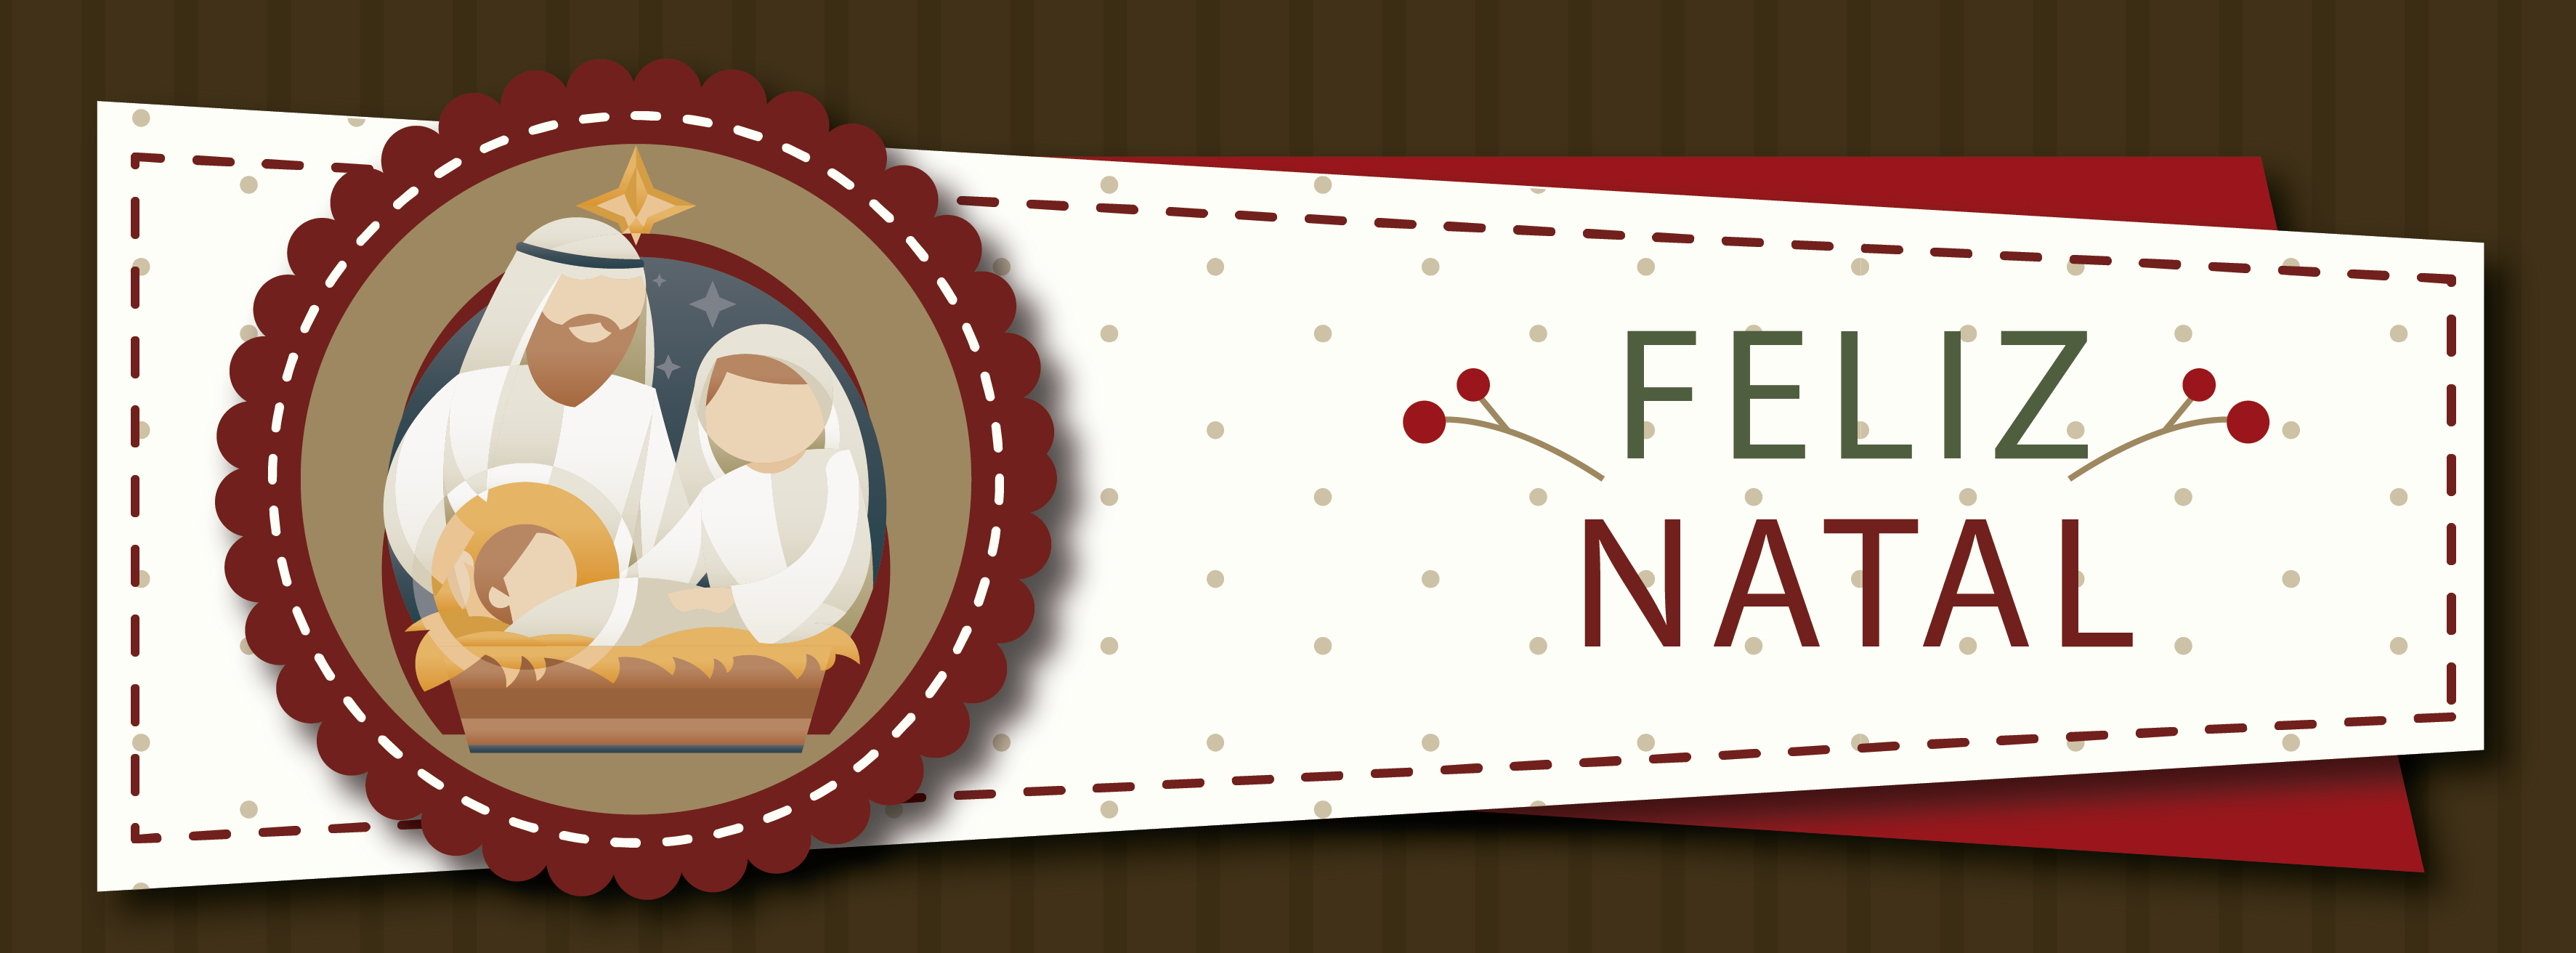 banner-FELIZ-NATAL-FV-01